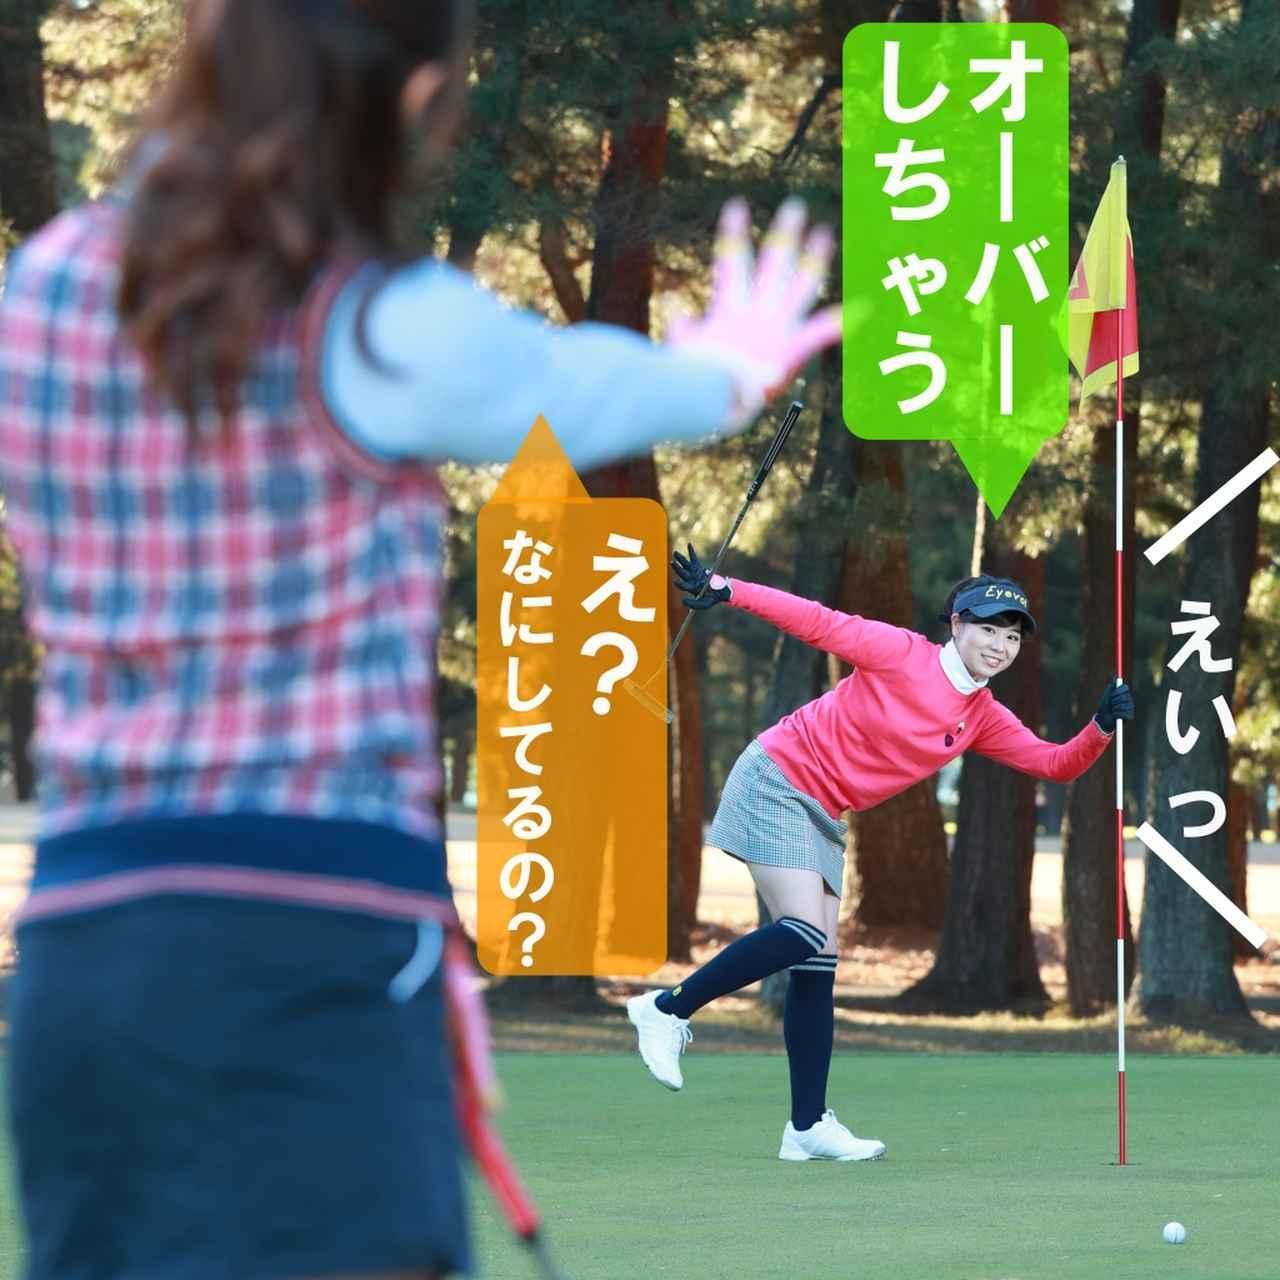 画像2: 【新ルール】ボールが転がっている間に抜いたピンを元に戻した、ピンに当たってカップイン、さあ、どうなる?